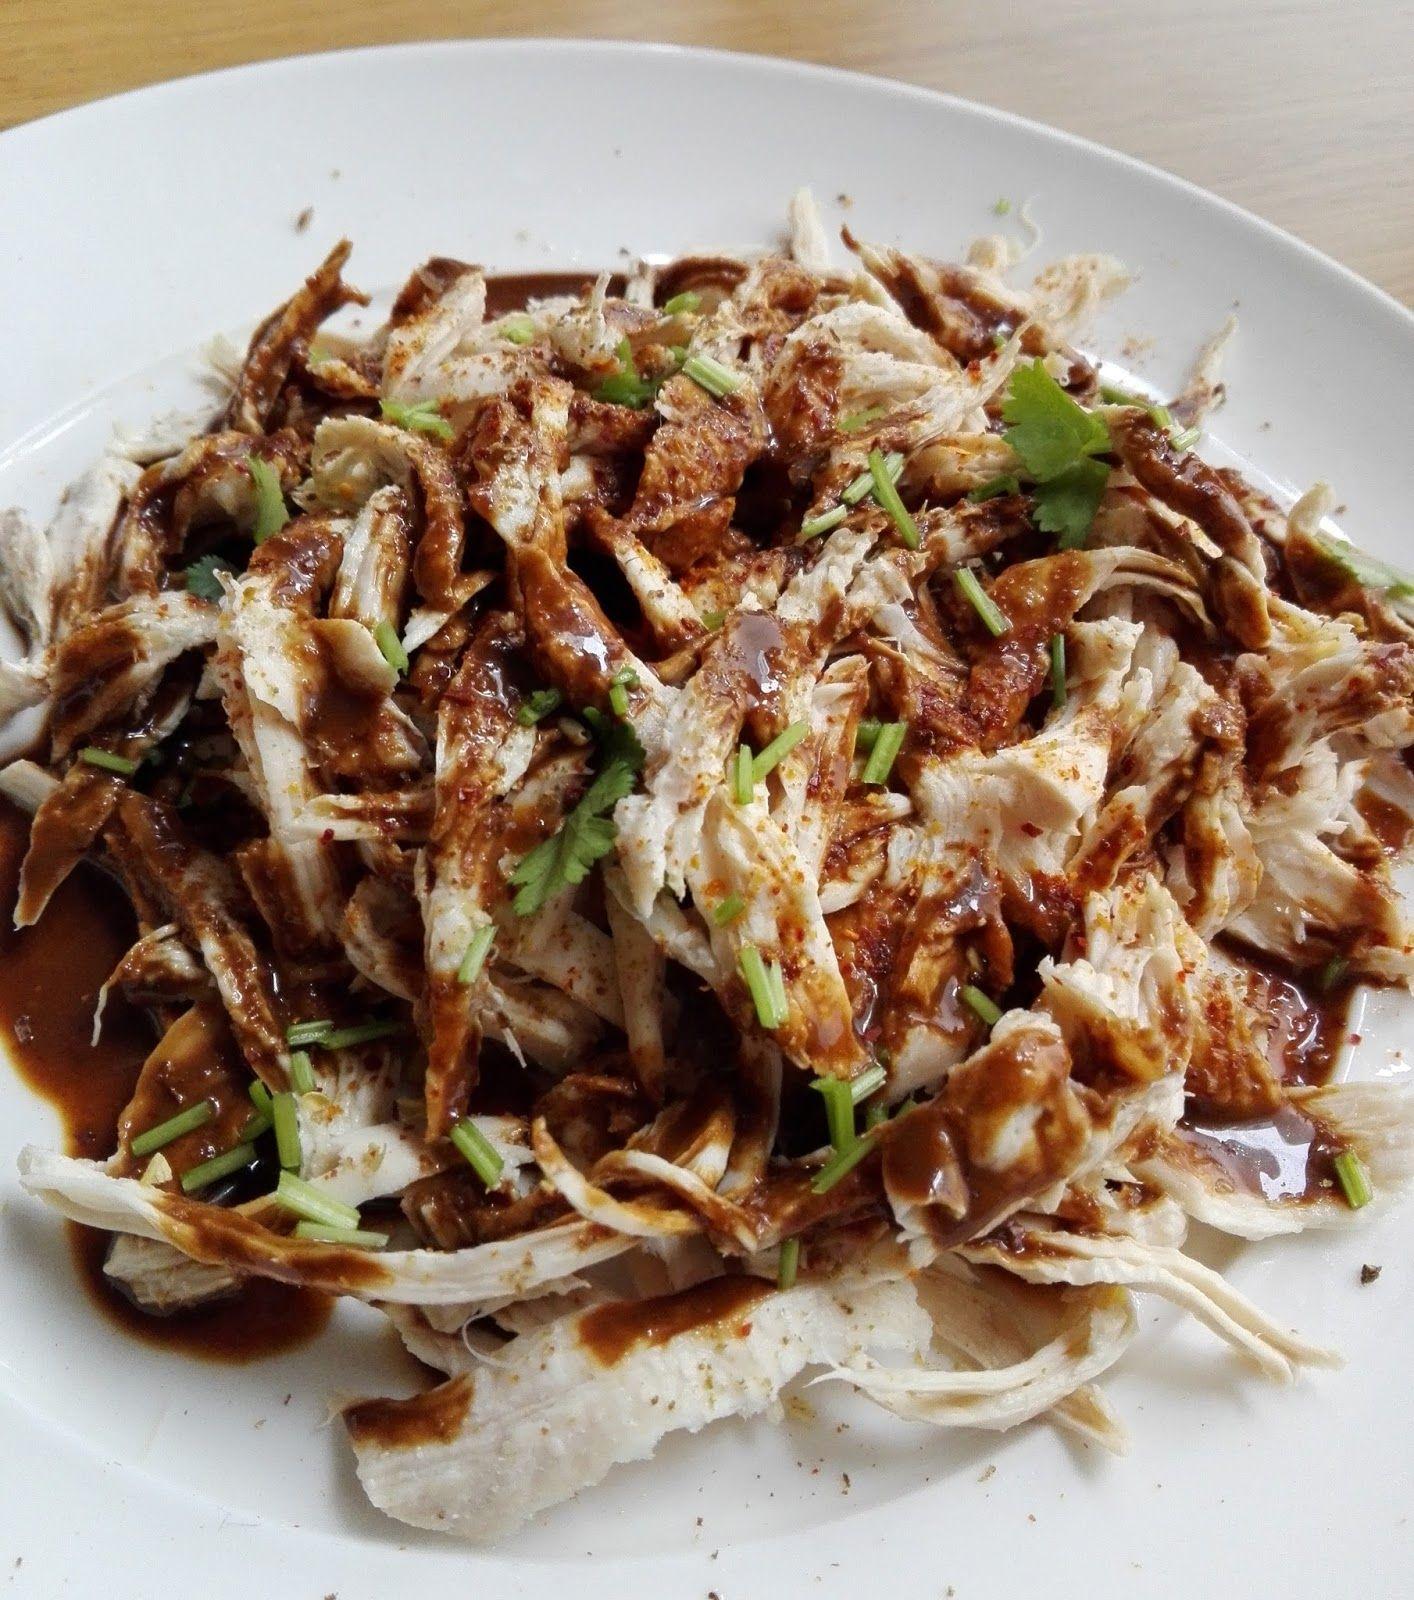 Cours et recettes de la cuisine chinoise traditionnelle de diff rentes r gions de la chine - Cuisine chinoise recette ...